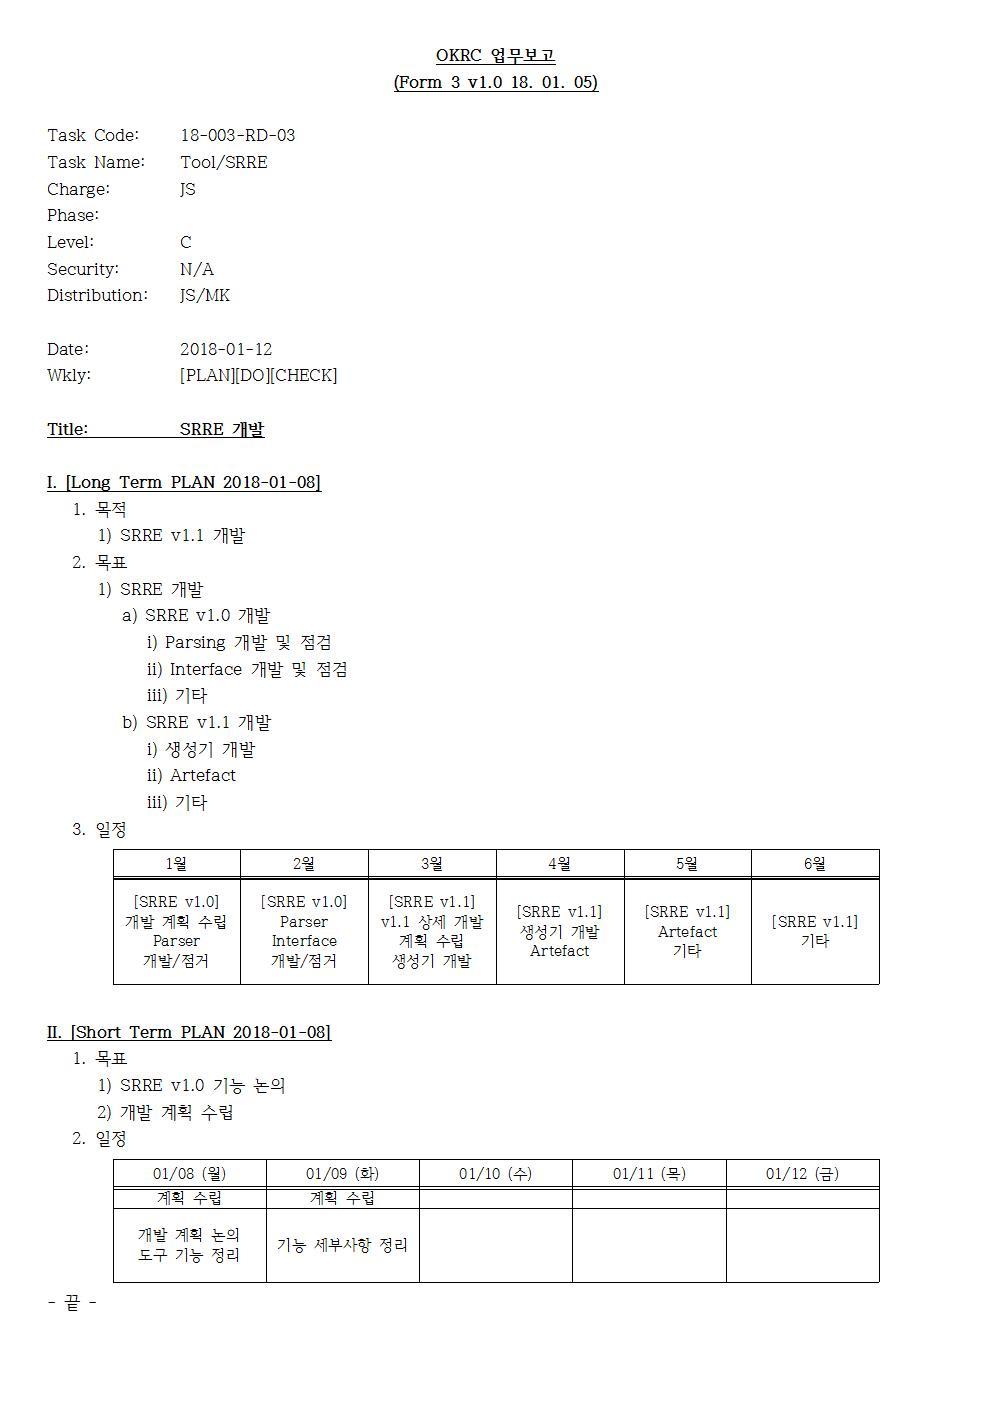 D-[18-003-RD-03]-[SRRE]-[2018-01-12][JS]001.jpg